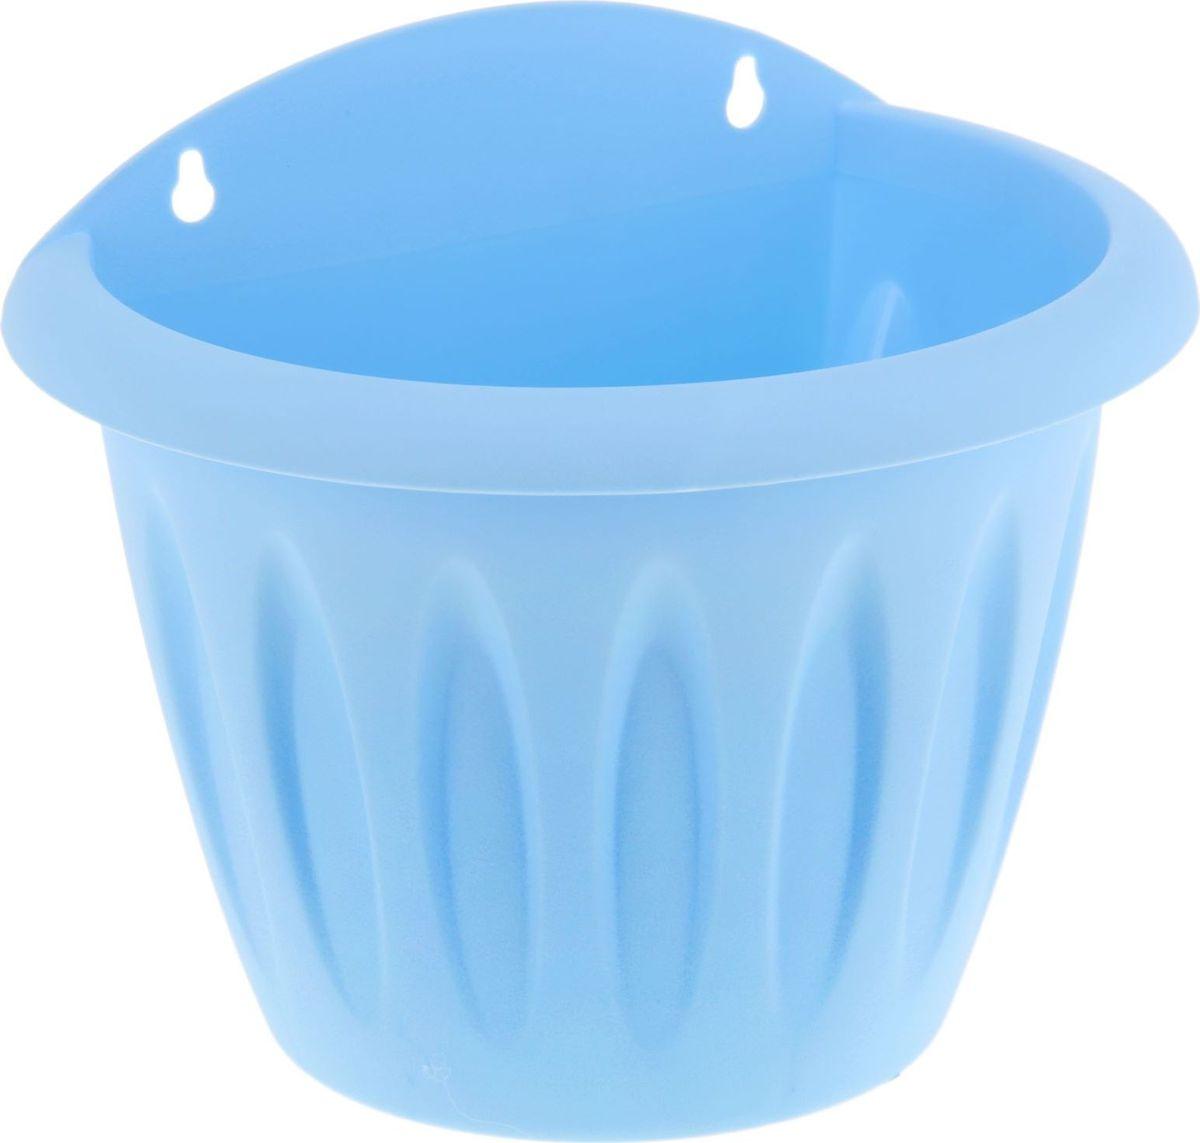 Кашпо Martika Фелиция, настенное, цвет: голубой, 20 х 14 х 17 см1355404Настенный горшок для цветов Martika Фелиция выполнен из пластика. Пластиковые изделия не нуждаются в специальных условиях хранения. Их легко чистить - достаточно просто сполоснуть теплой водой. Они не царапают и не загрязняют поверхности, на которых стоят. Пластик дольше хранит влагу, а значит - растение реже нуждается в поливе, а также не пропускает воздух - корневой системе растения не грозят резкие перепады температур.